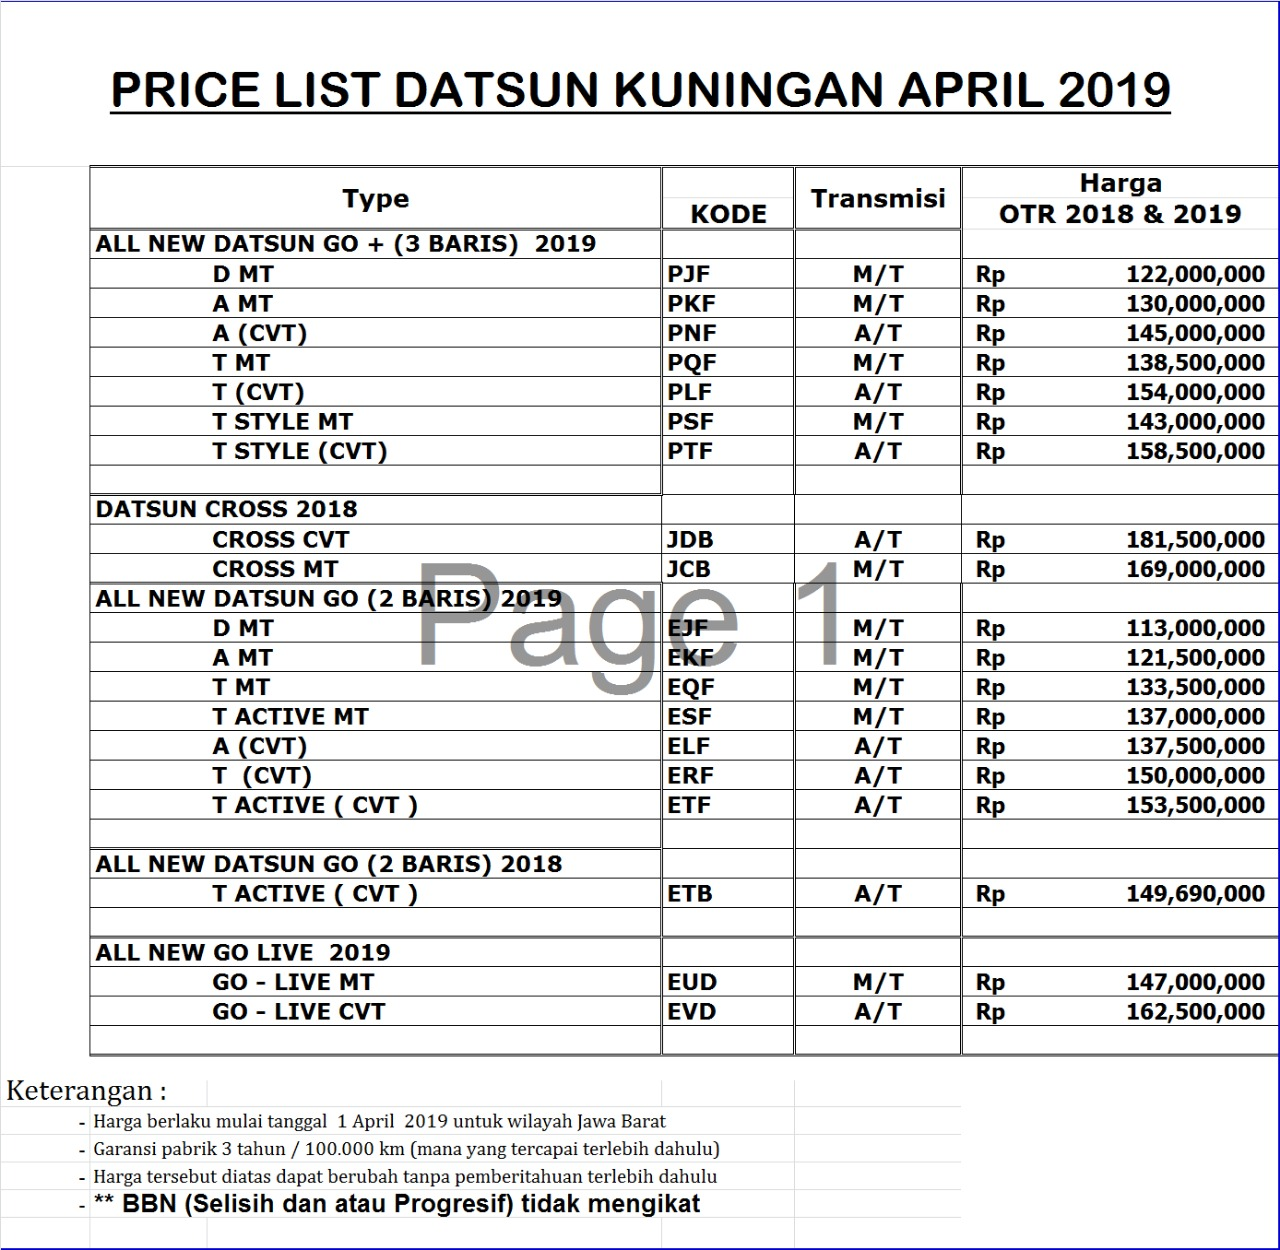 WhatsApp Image 2019-04-15 at 19.57.19(1)